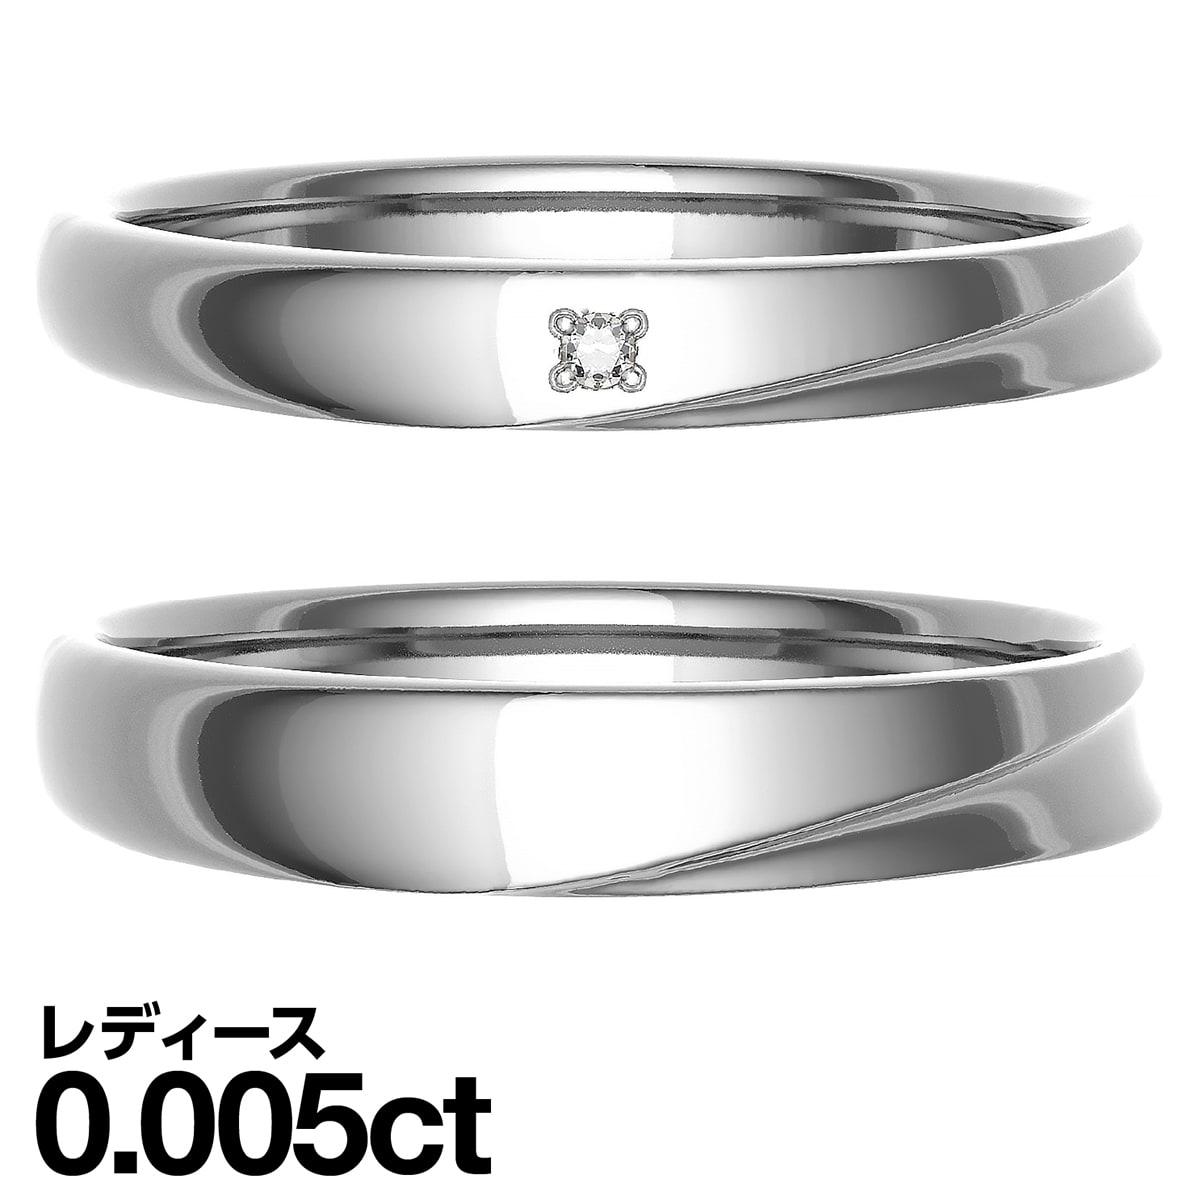 結婚指輪 ペアリング K10ゴールド 2本セット 天然 ダイヤモンド 日本製 【ゴールド】【ダイヤモンド】 【マリッジリング】